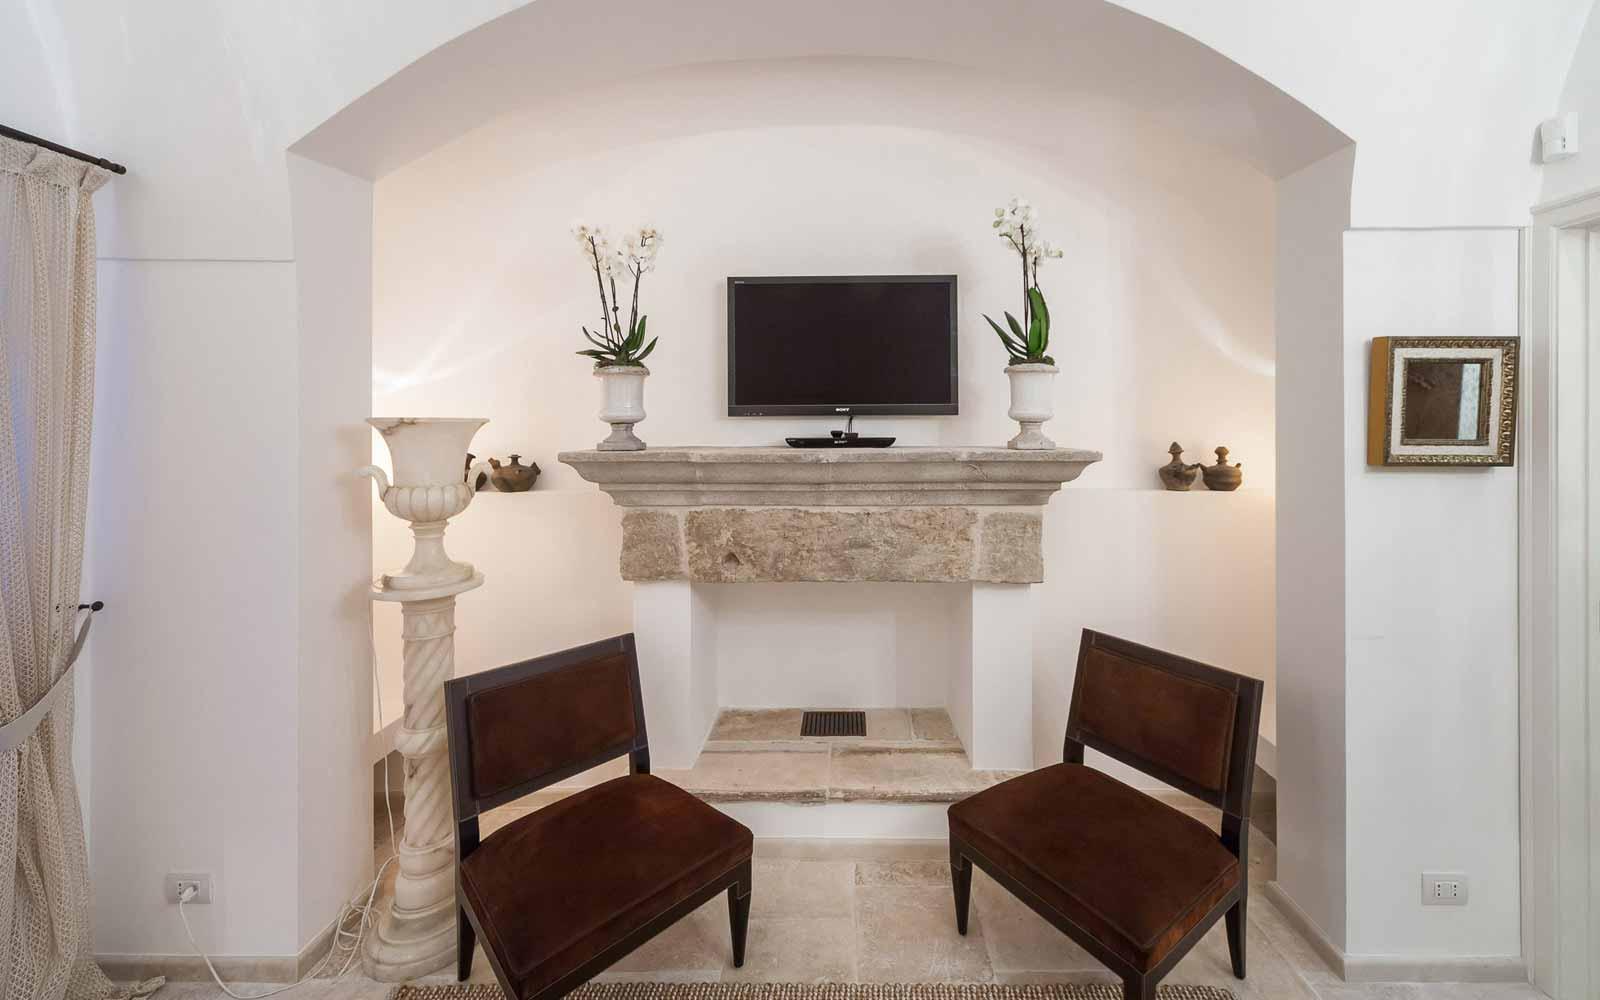 Interior at La Residenza of Masseria Pettolecchia